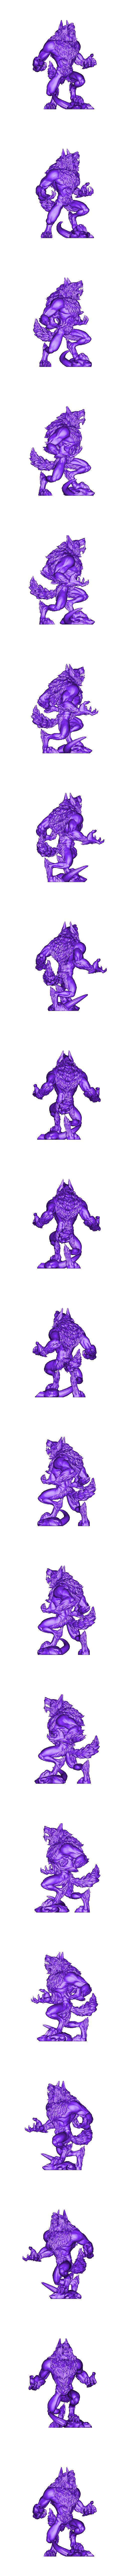 Werewolf_Furious_V1.stl Télécharger fichier STL Loup-garou furieux (2 variantes) • Modèle à imprimer en 3D, White_Werewolf_Tavern